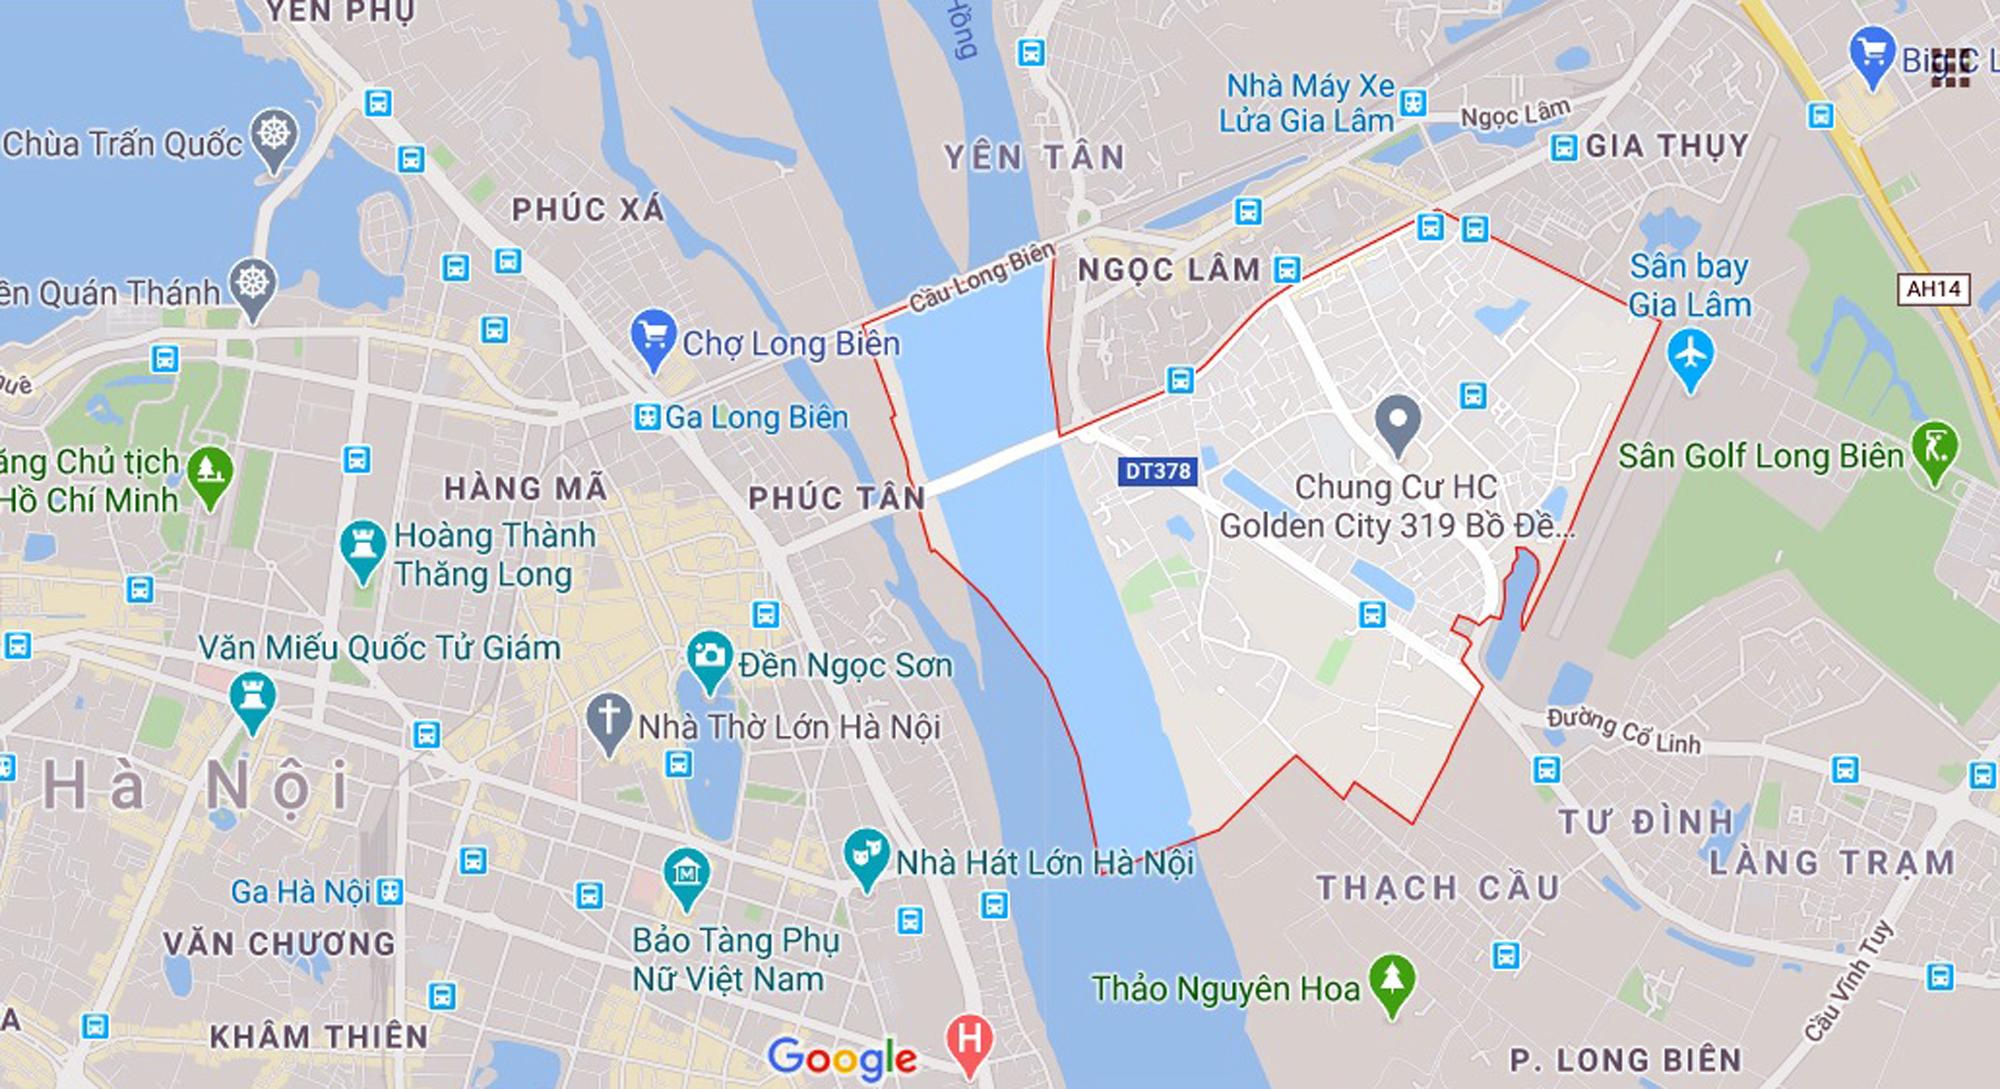 Hai đường sẽ mở theo qui hoạch ở phường Bồ Đề, Long Biên, Hà Nội - Ảnh 1.